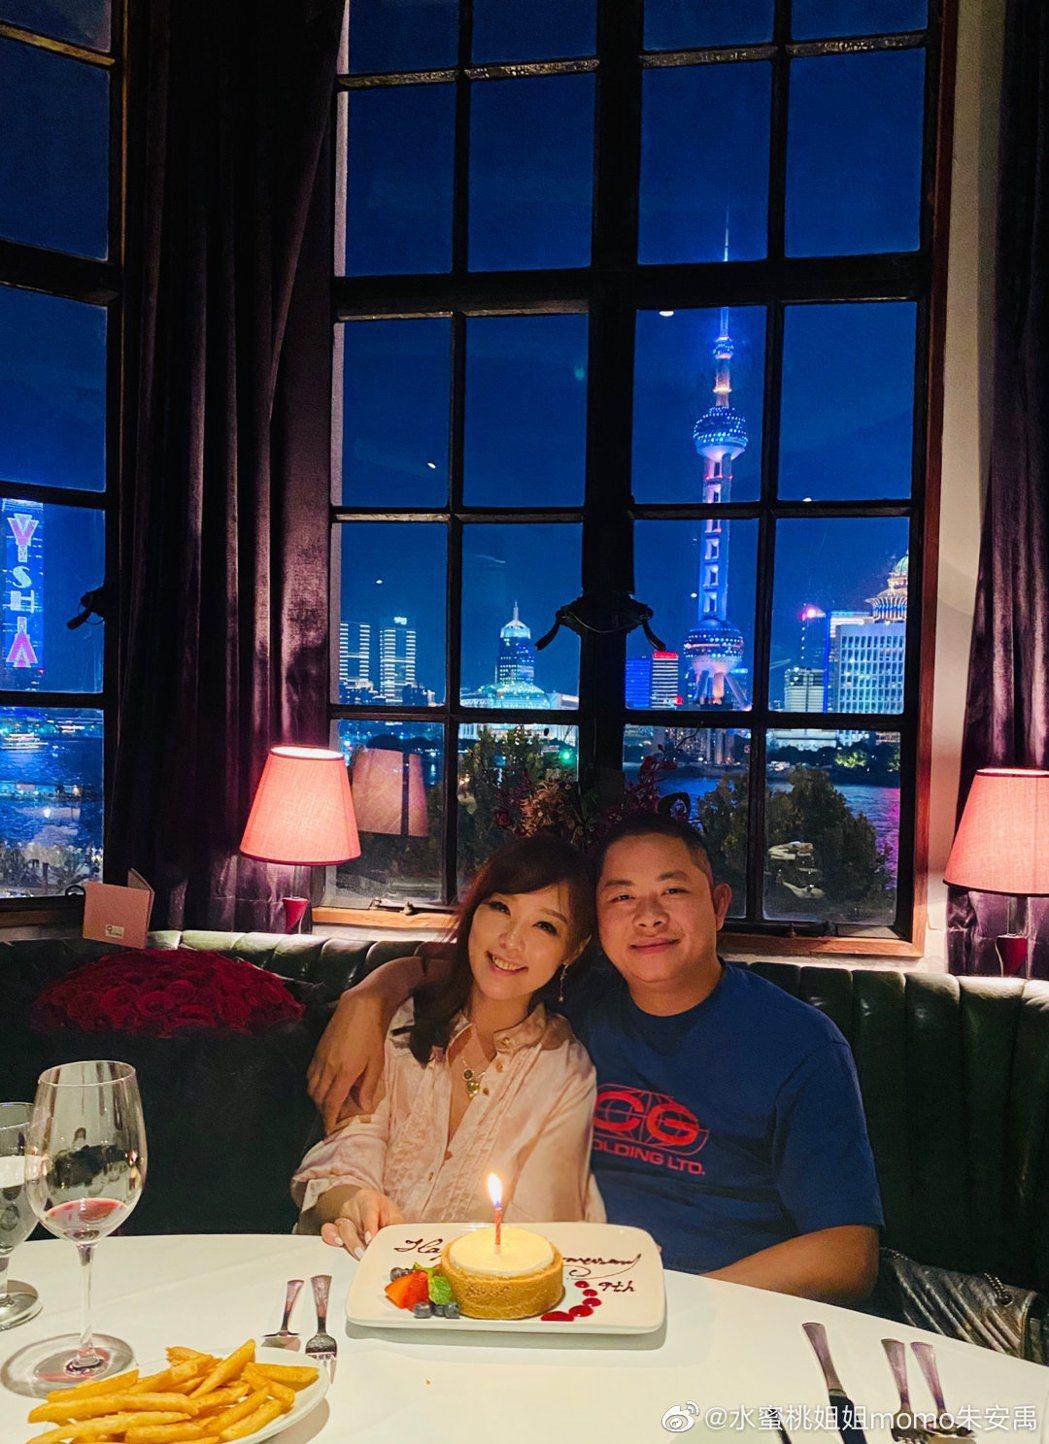 小蜜桃姐姐9年前閃嫁大陸,20日正逢她的「柳婚」之日。圖/擷自微博